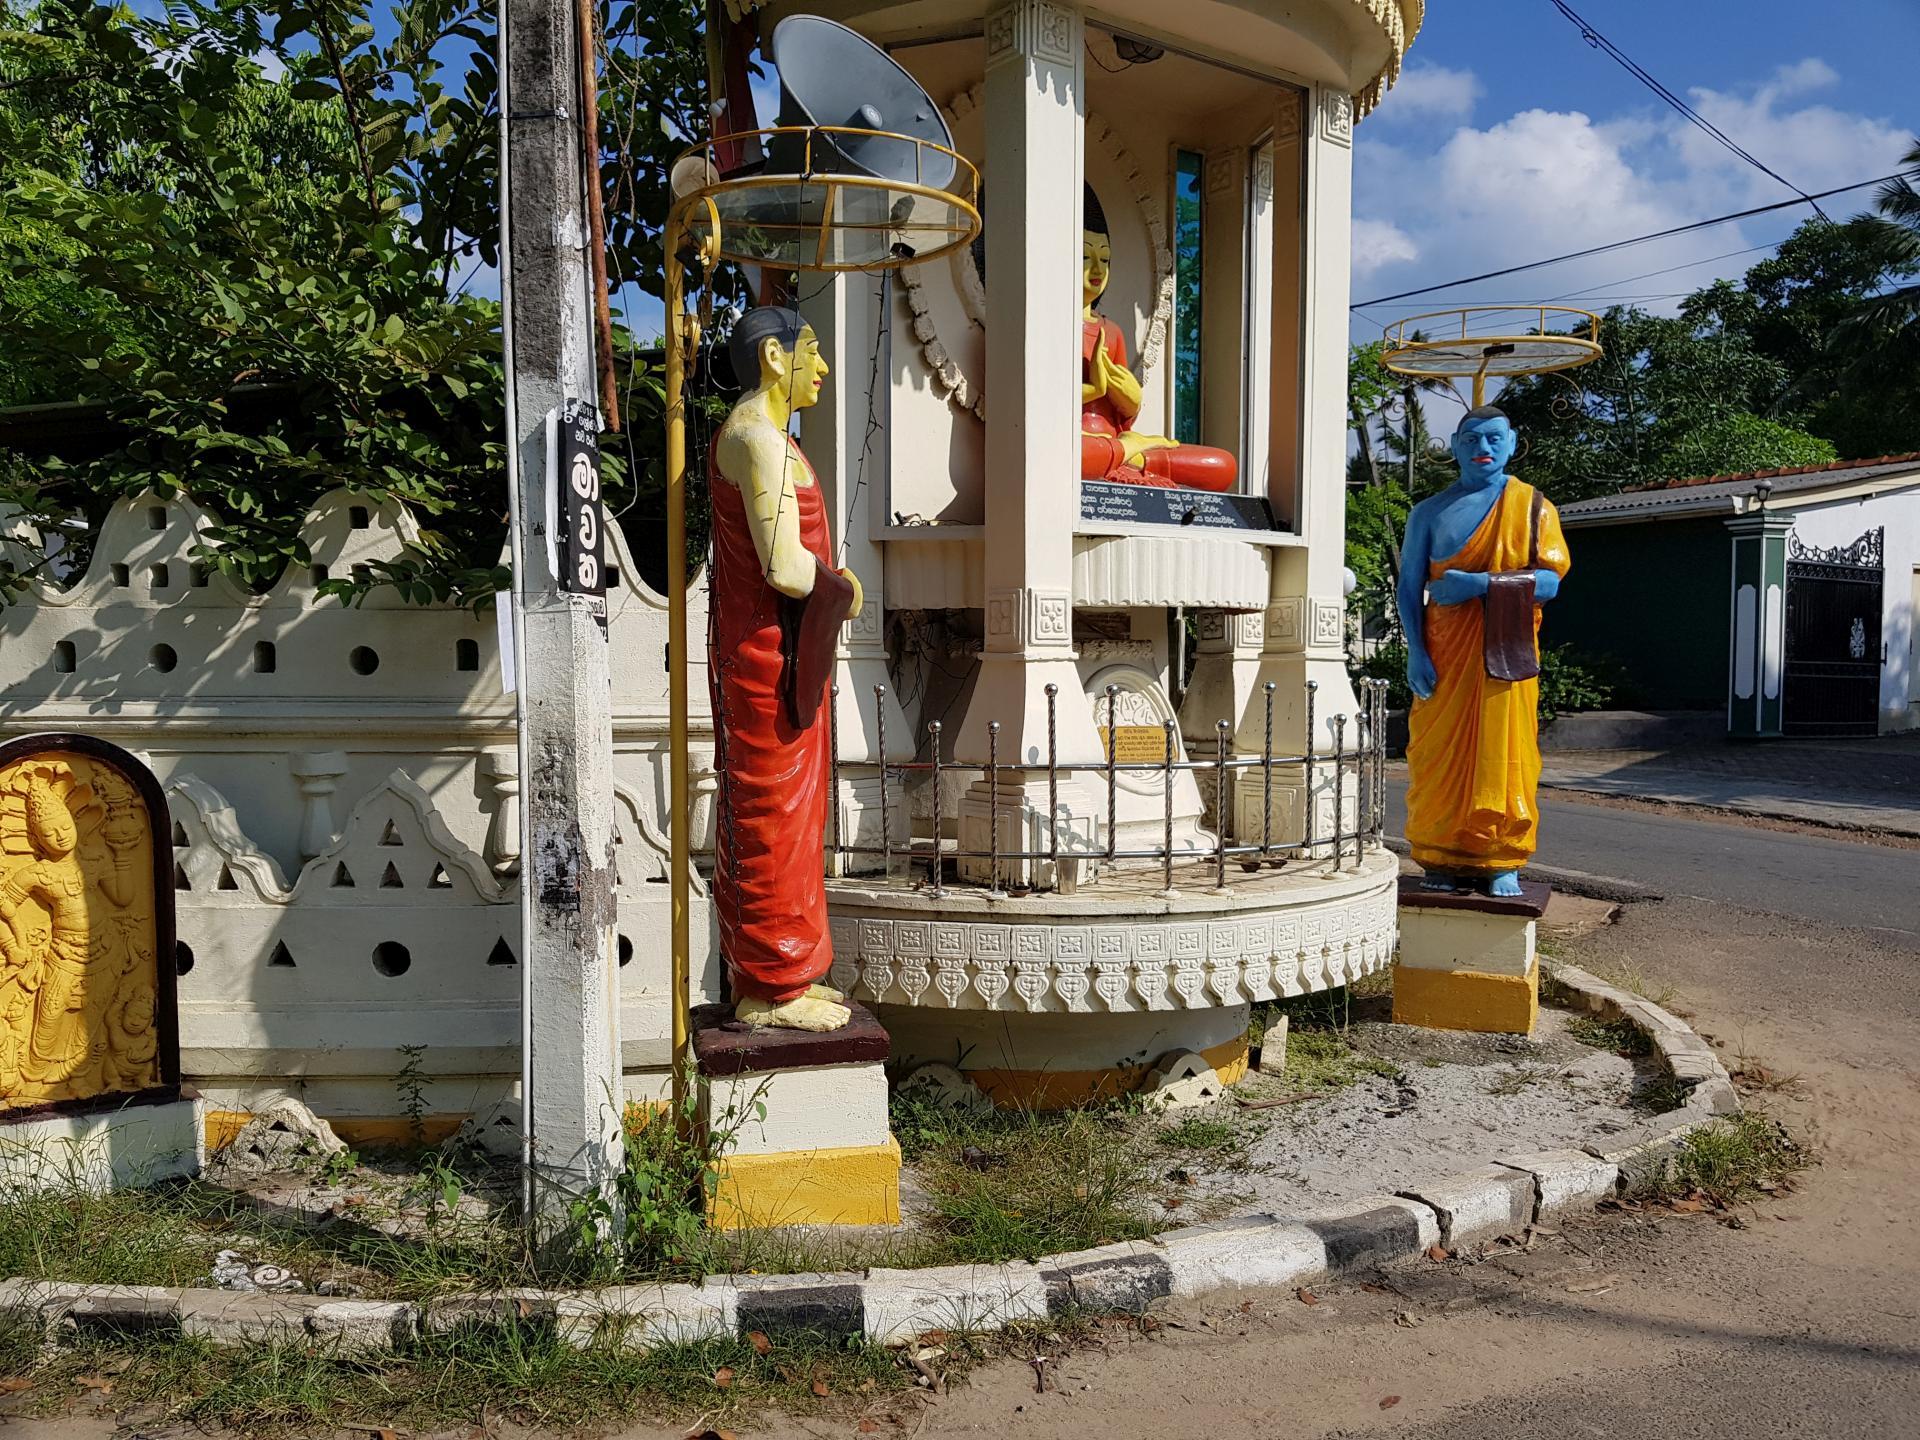 перекресток с буддийскими статуями в Хиккадуве, Шри-Ланка.